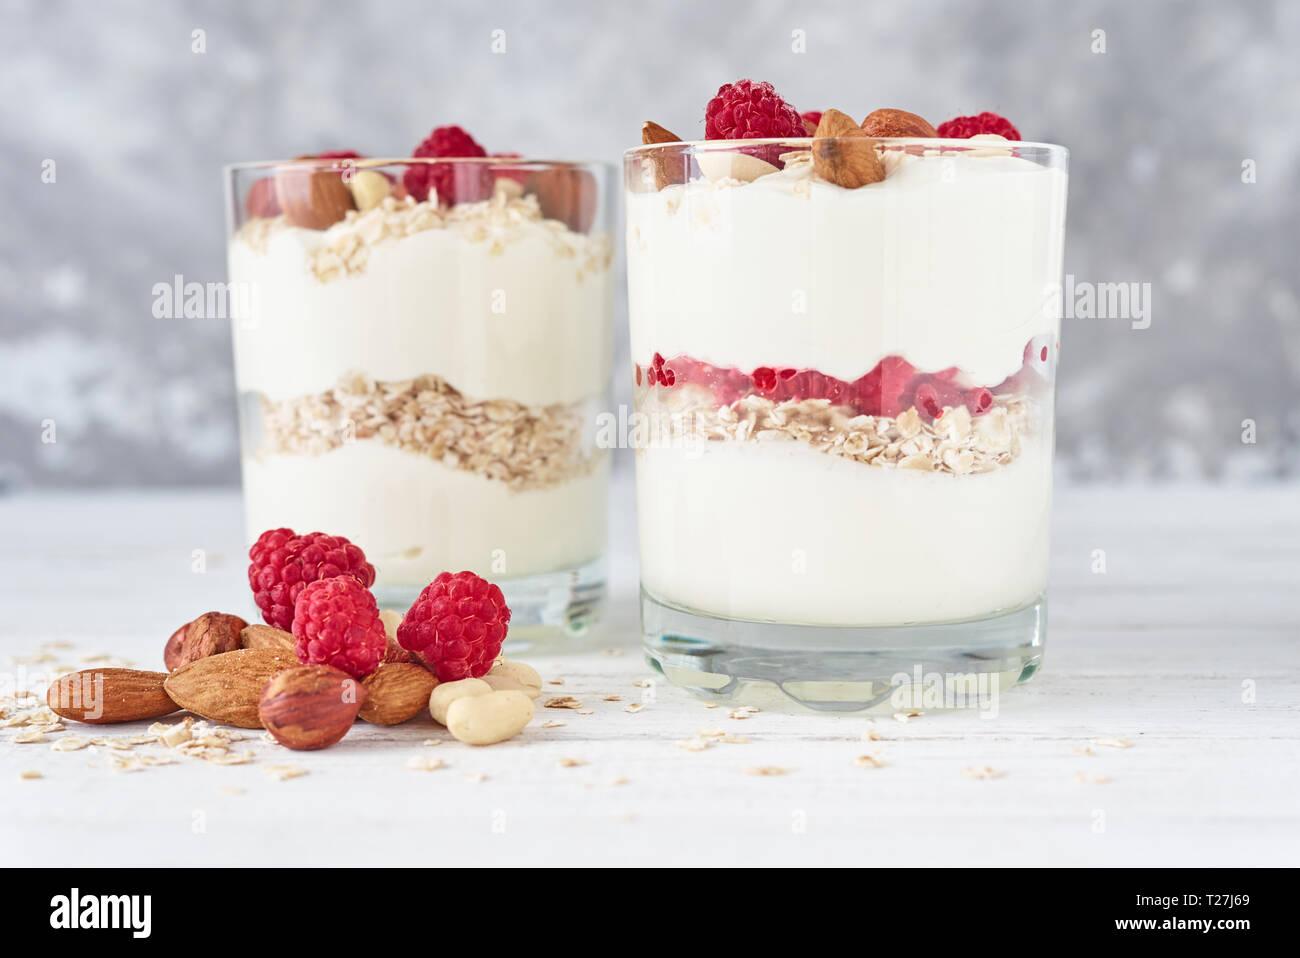 Zwei Gläser Griechischer Joghurt Müsli Mit Himbeeren Haferflocken